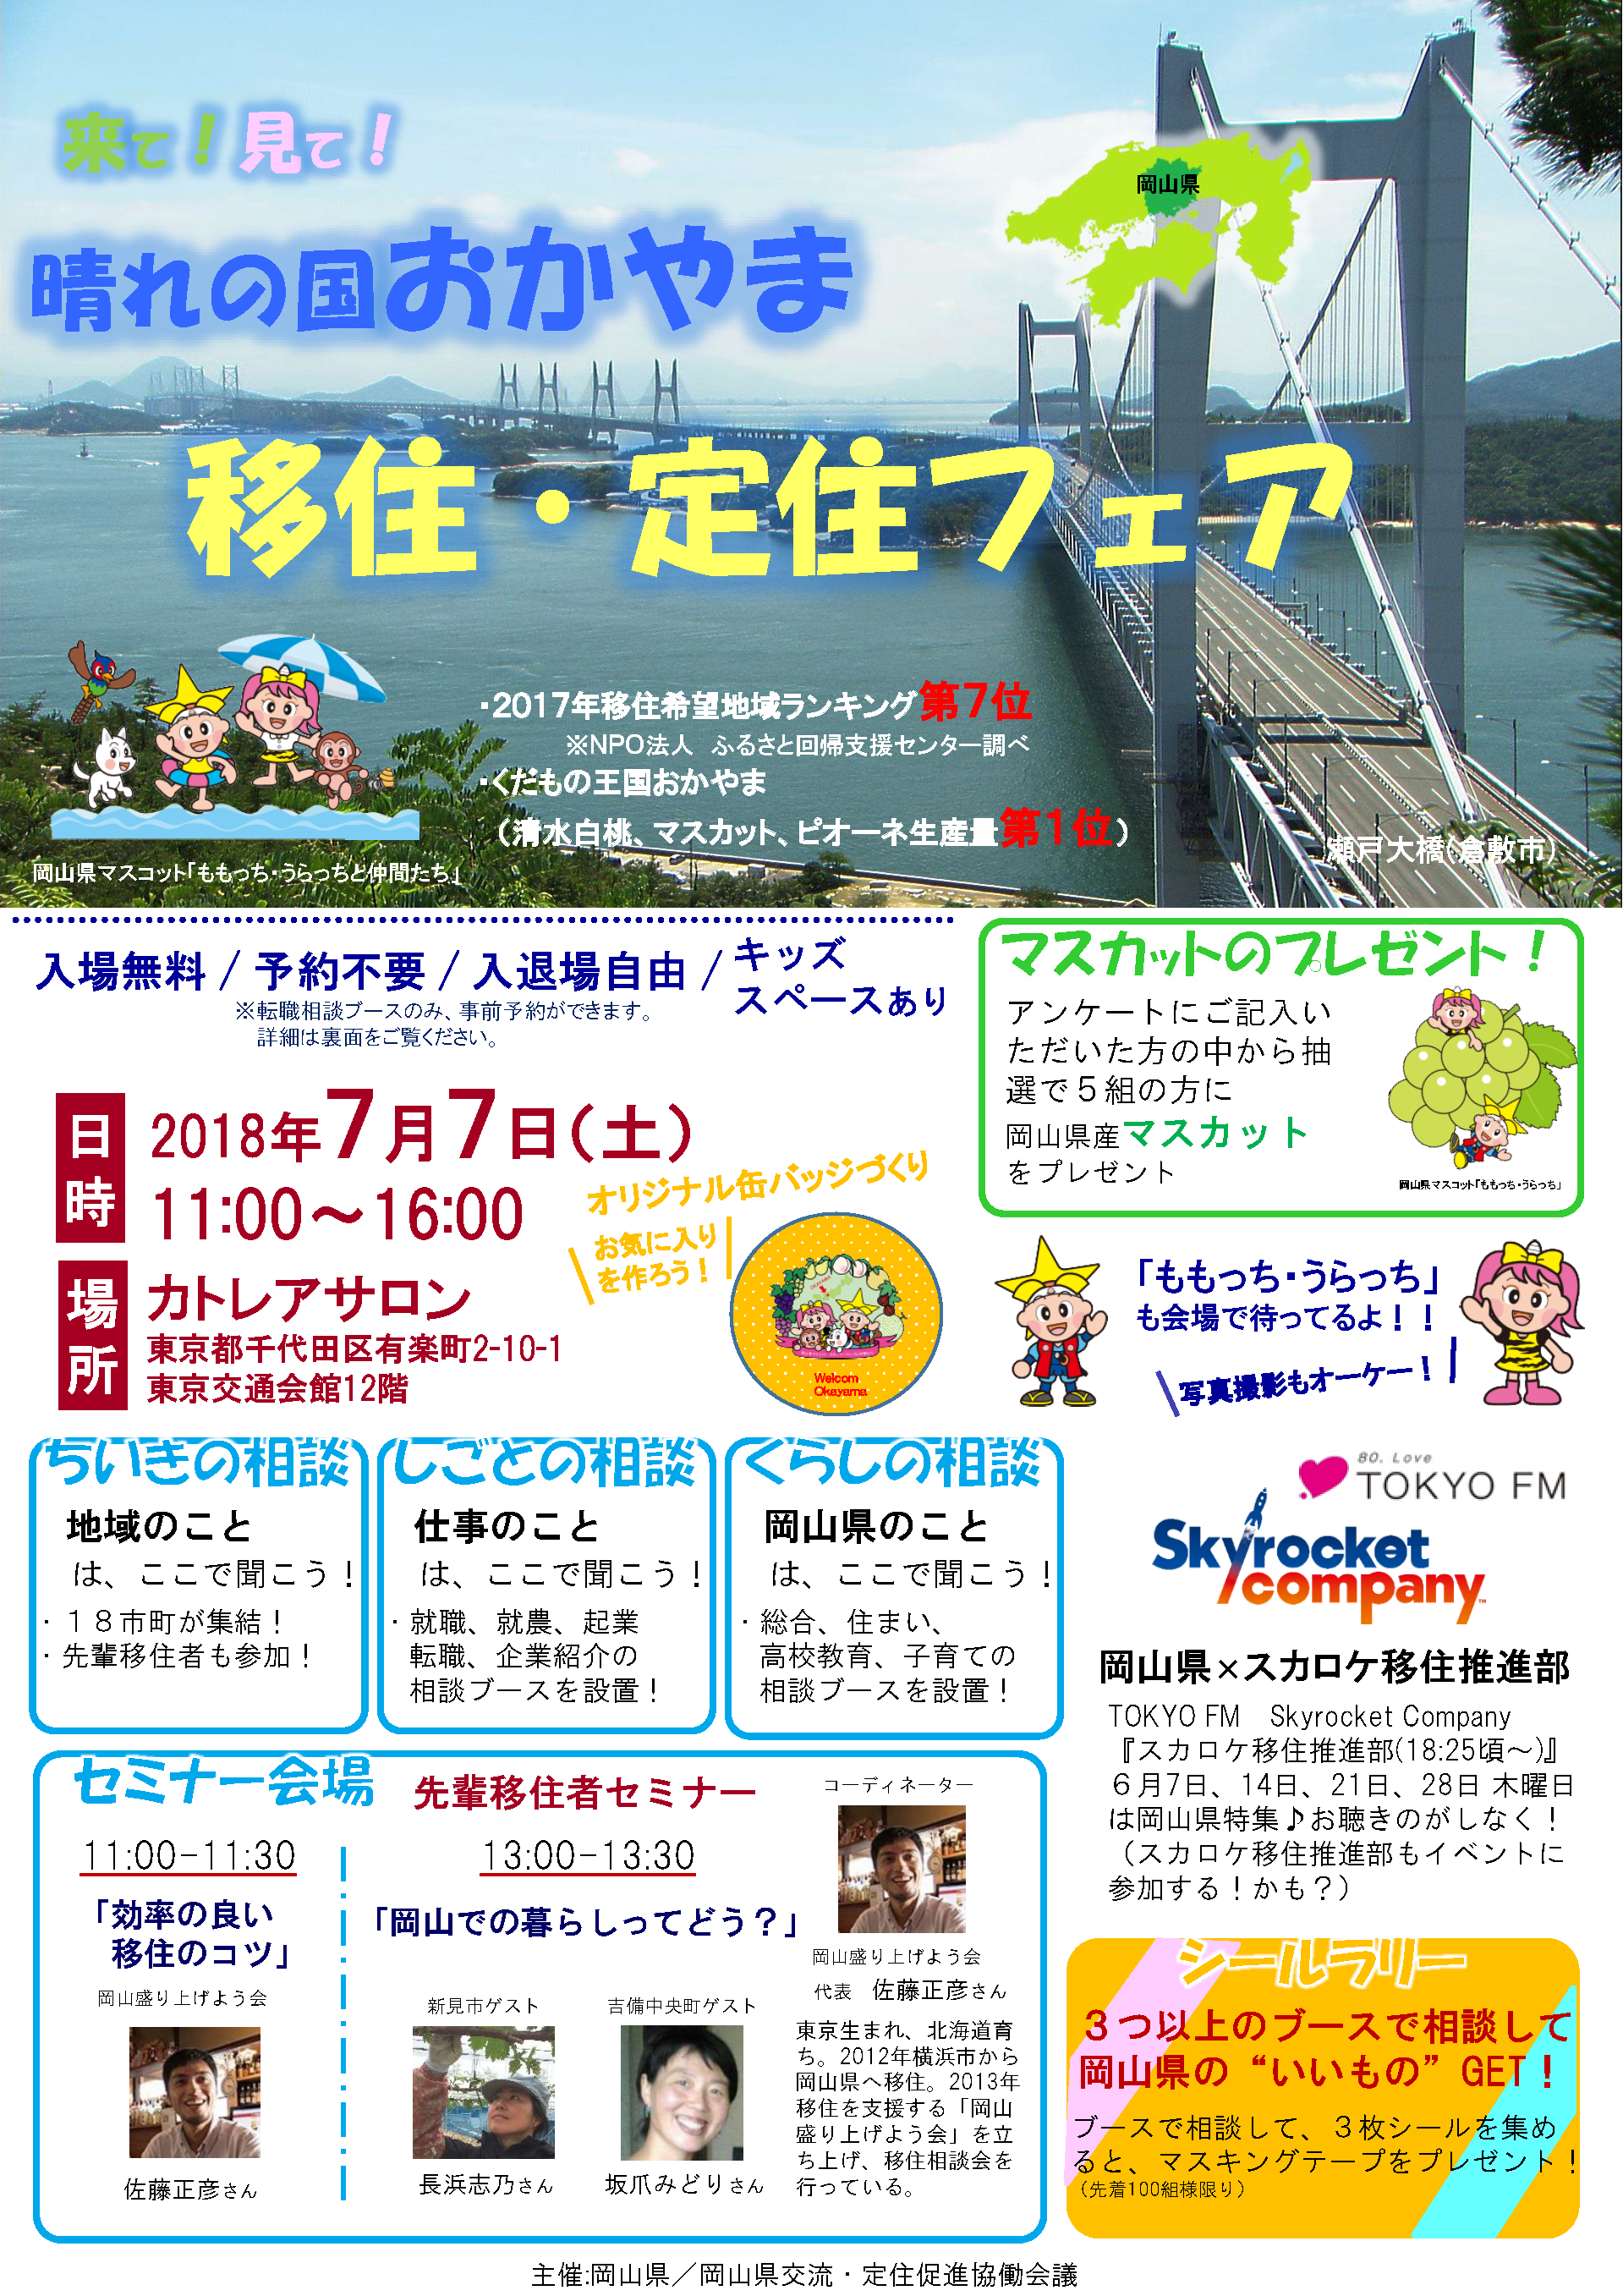 https://www.okayama-iju.jp/municipality/16wake/img/180707%E3%83%81%E3%83%A9%E3%82%B7_%E3%83%9A%E3%83%BC%E3%82%B8_1.png